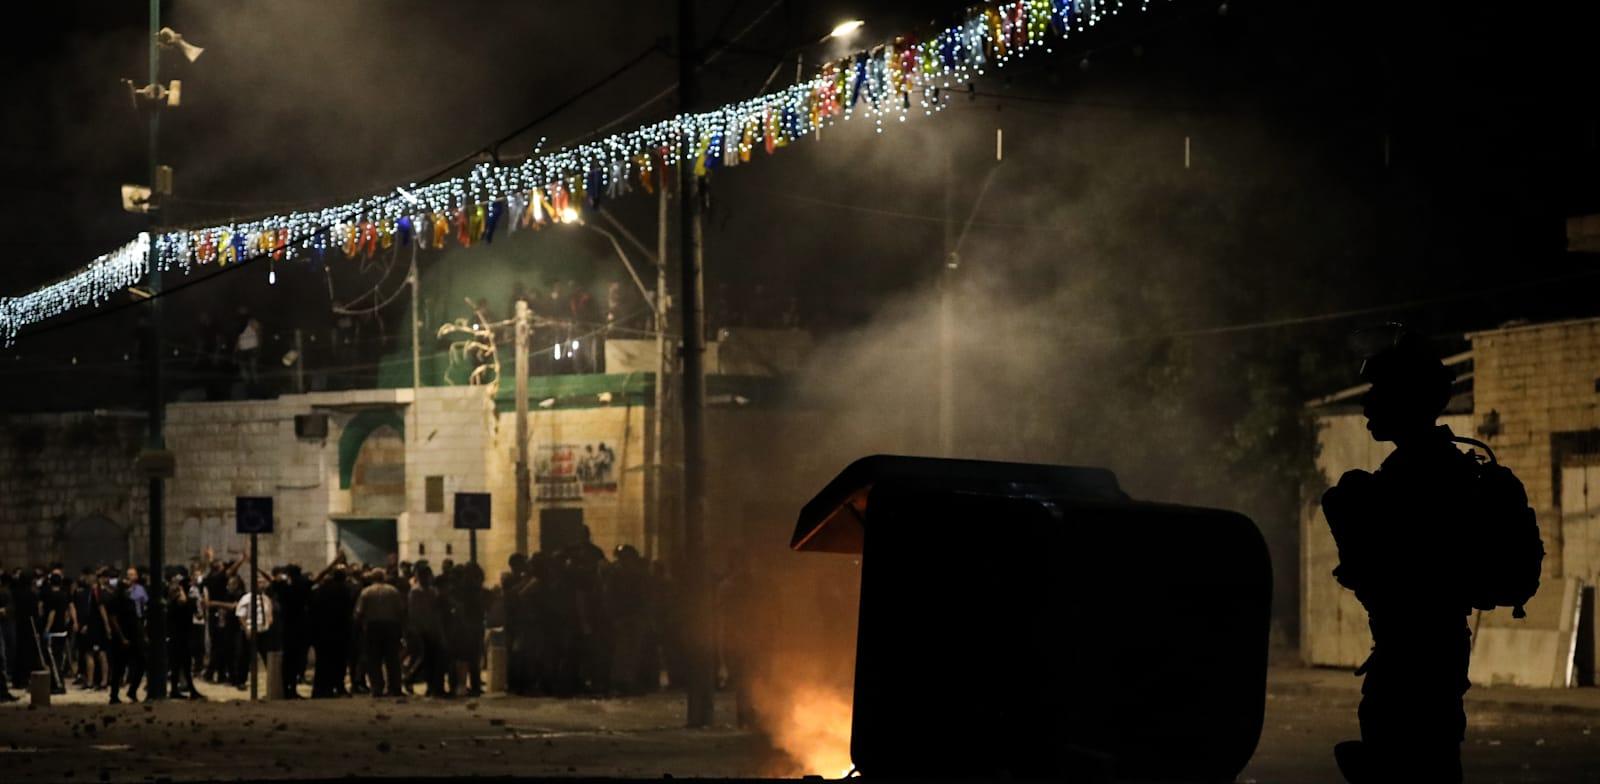 לוד בשבוע שעבר. השיח על הסימטריה נטול הקשר / צילום: Reuters, Oren Ziv